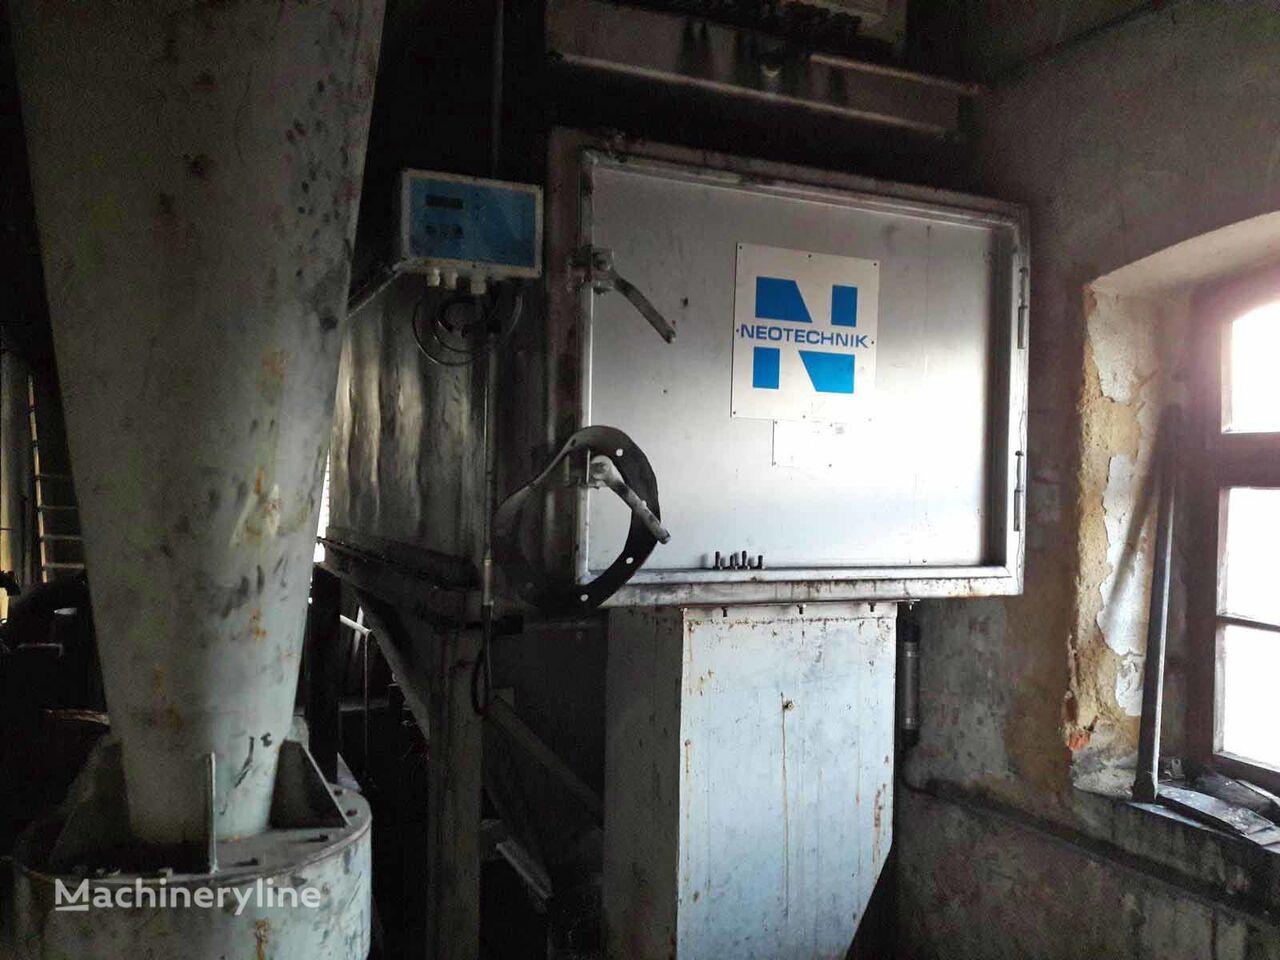 Neotechnik Dedusting/Entstaubung equipo de ventilación